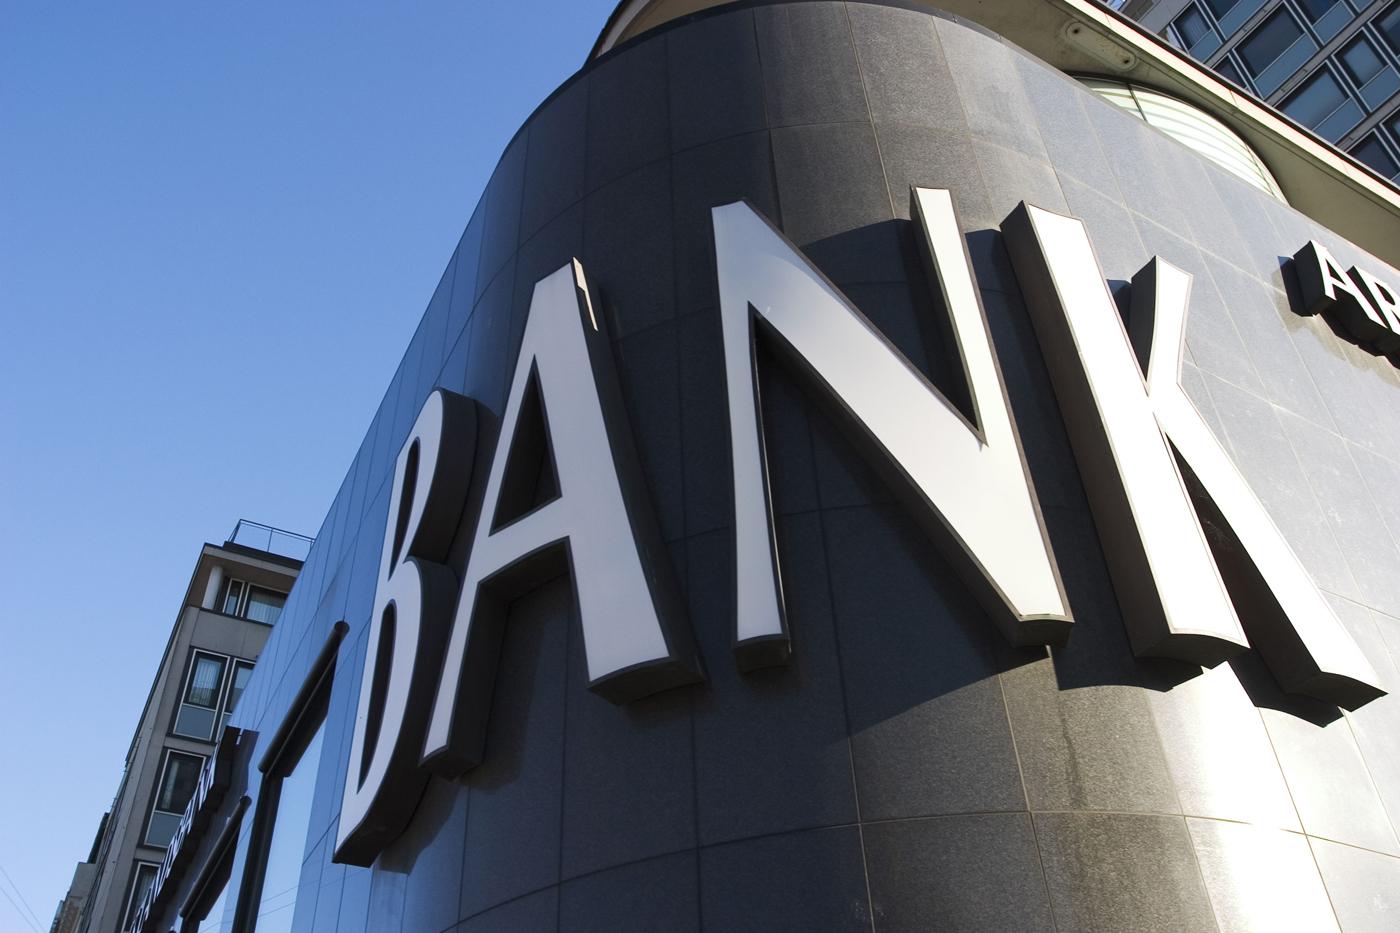 Monteneqroda Azərbaycan bankı fəaliyyət göstərəcək